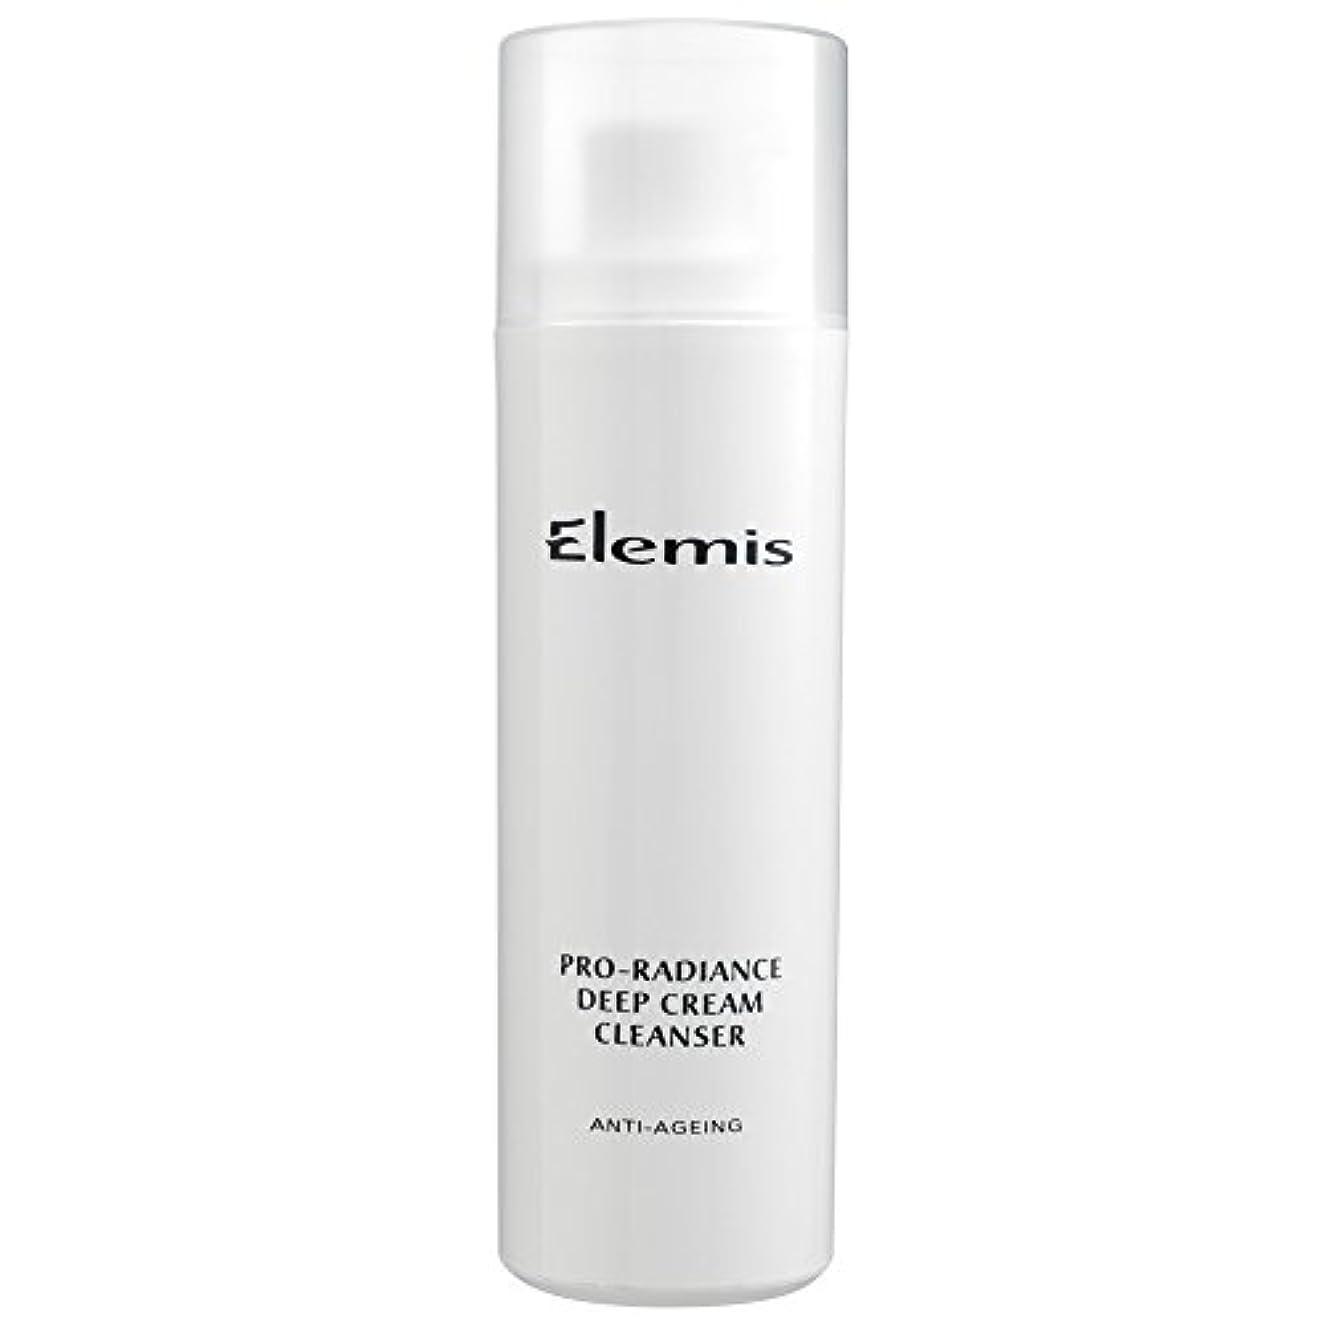 特別な教科書感覚エレミスプロ輝きクリームクレンザー、150ミリリットル (Elemis) - Elemis Pro-Radiance Cream Cleanser, 150ml [並行輸入品]